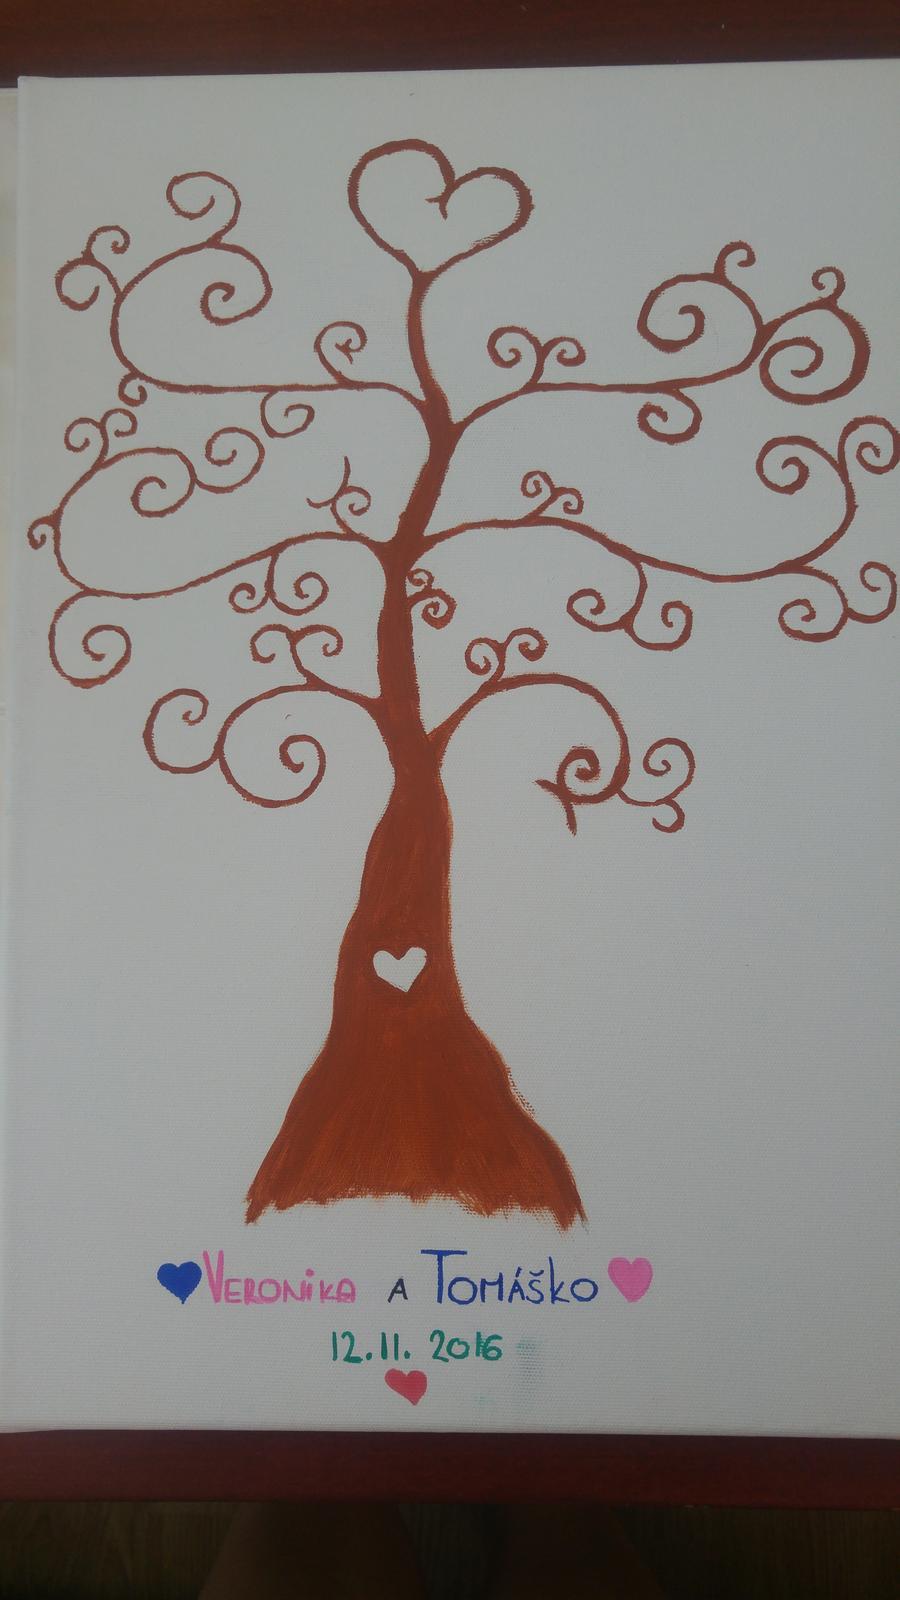 ♥ A je to tu..♥ už sa nám to kráti ♥ začali sa prípravy/ vybavovanie ♥ - Svadobny strom je hotovy 😛🌳 už sa len dočkať farieb a v novembri to vypukne ❤😌